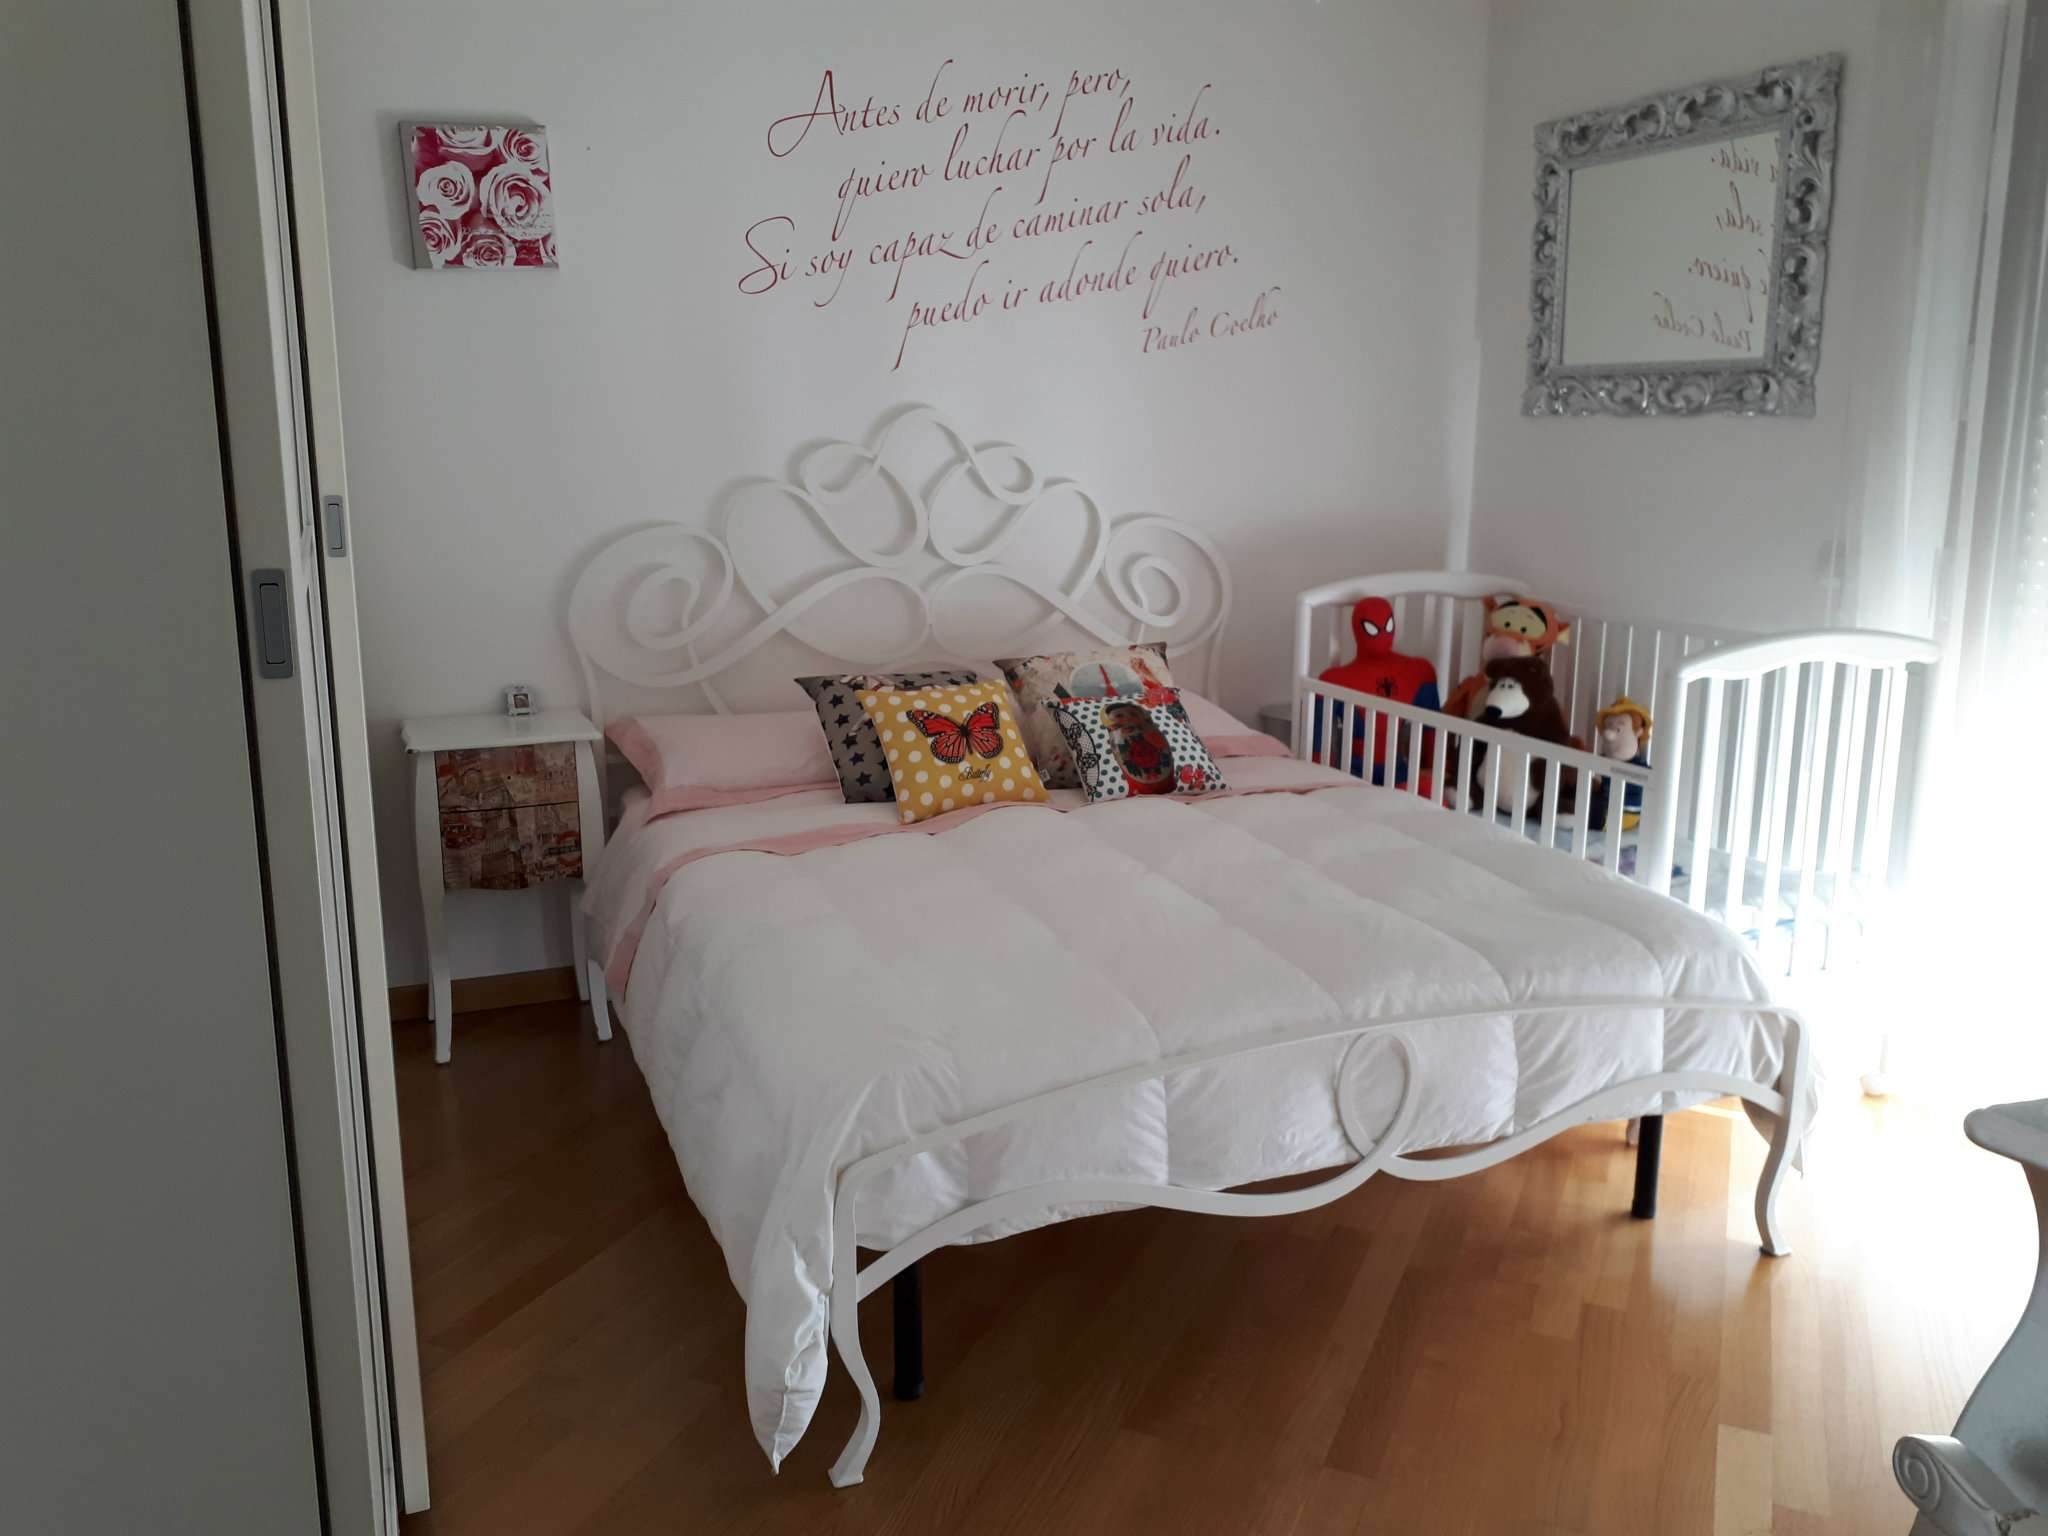 Appartamento CAMPOBASSO vendita   via Scardocchia Stigliani Immobiliare srl